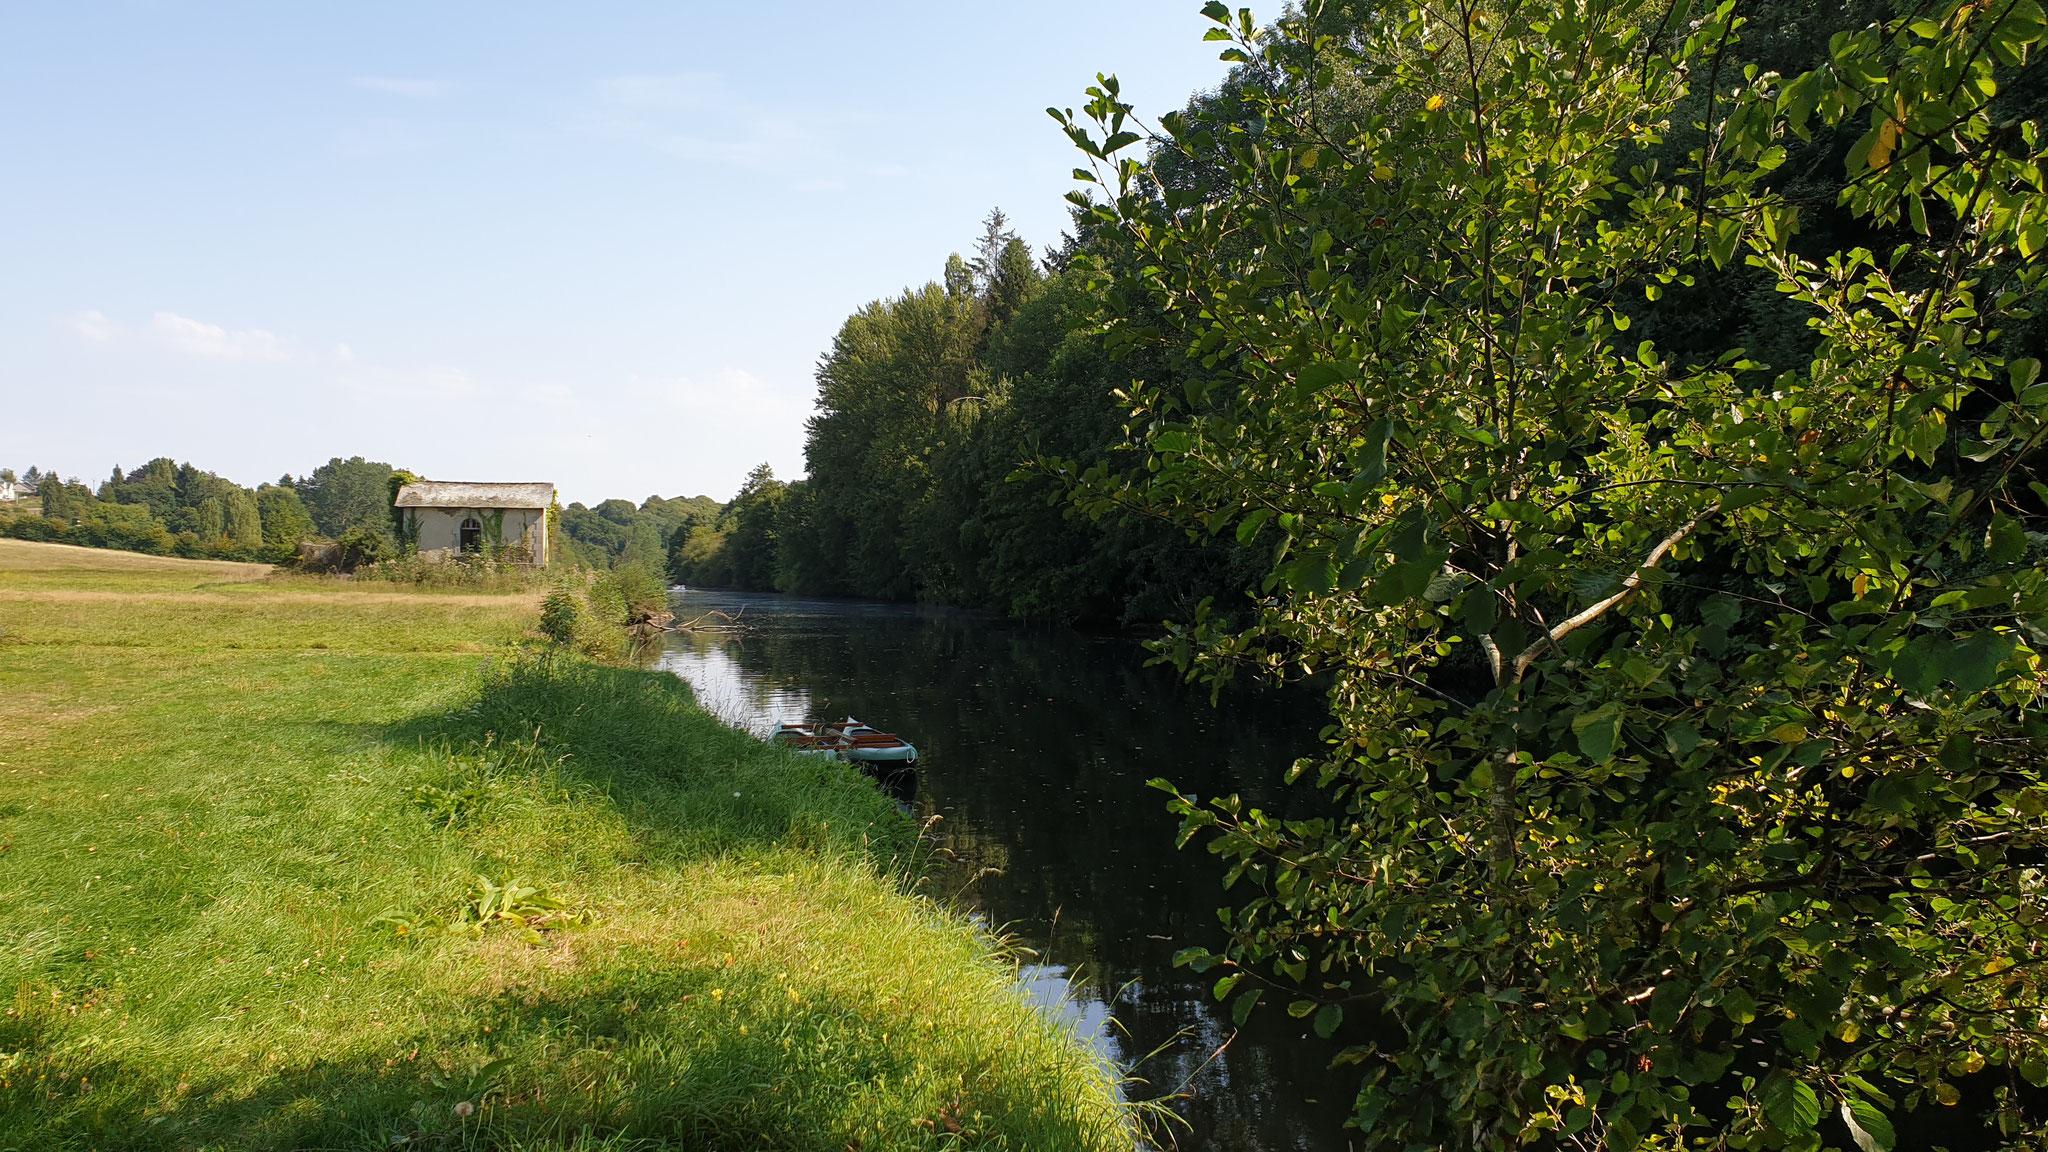 Der Fluss direkt neben dem Stellplatz